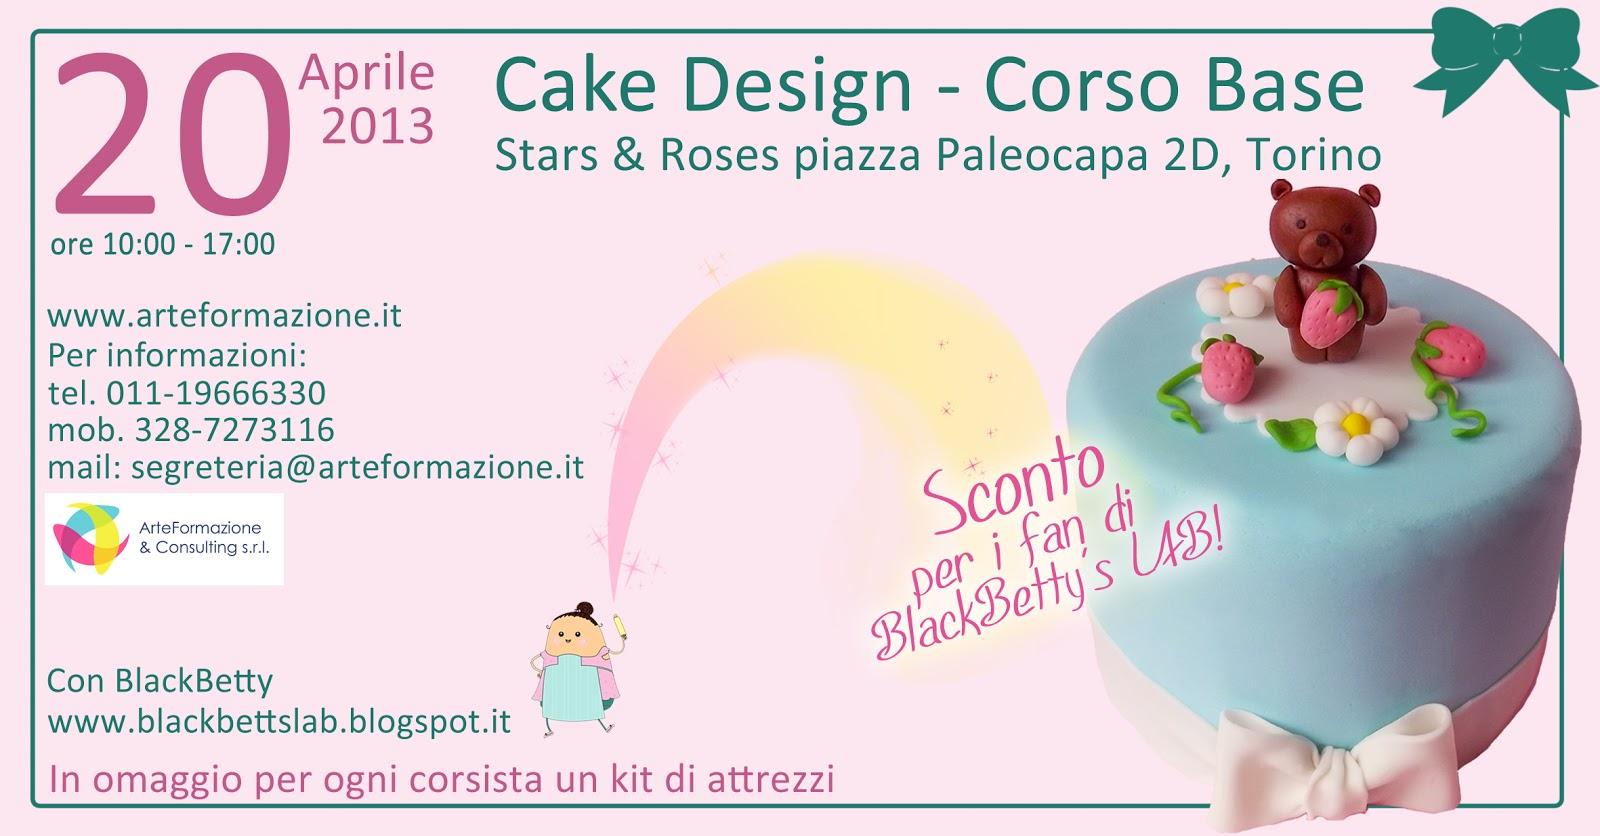 BlackBetty sLab: 1? Corso cake design - base a Torino